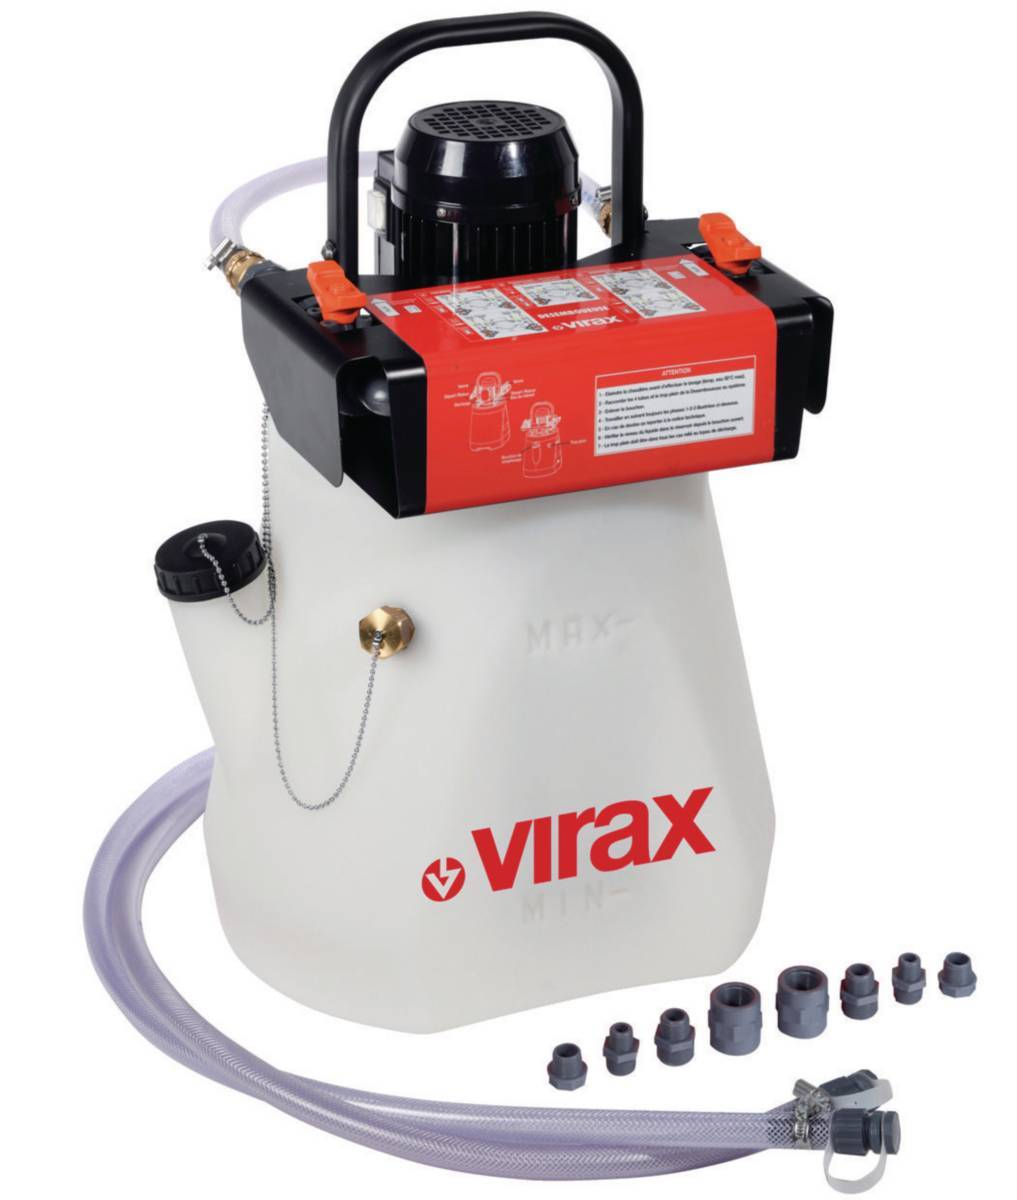 Оборудование для промывки системы отопления - компрессоры и другие установки